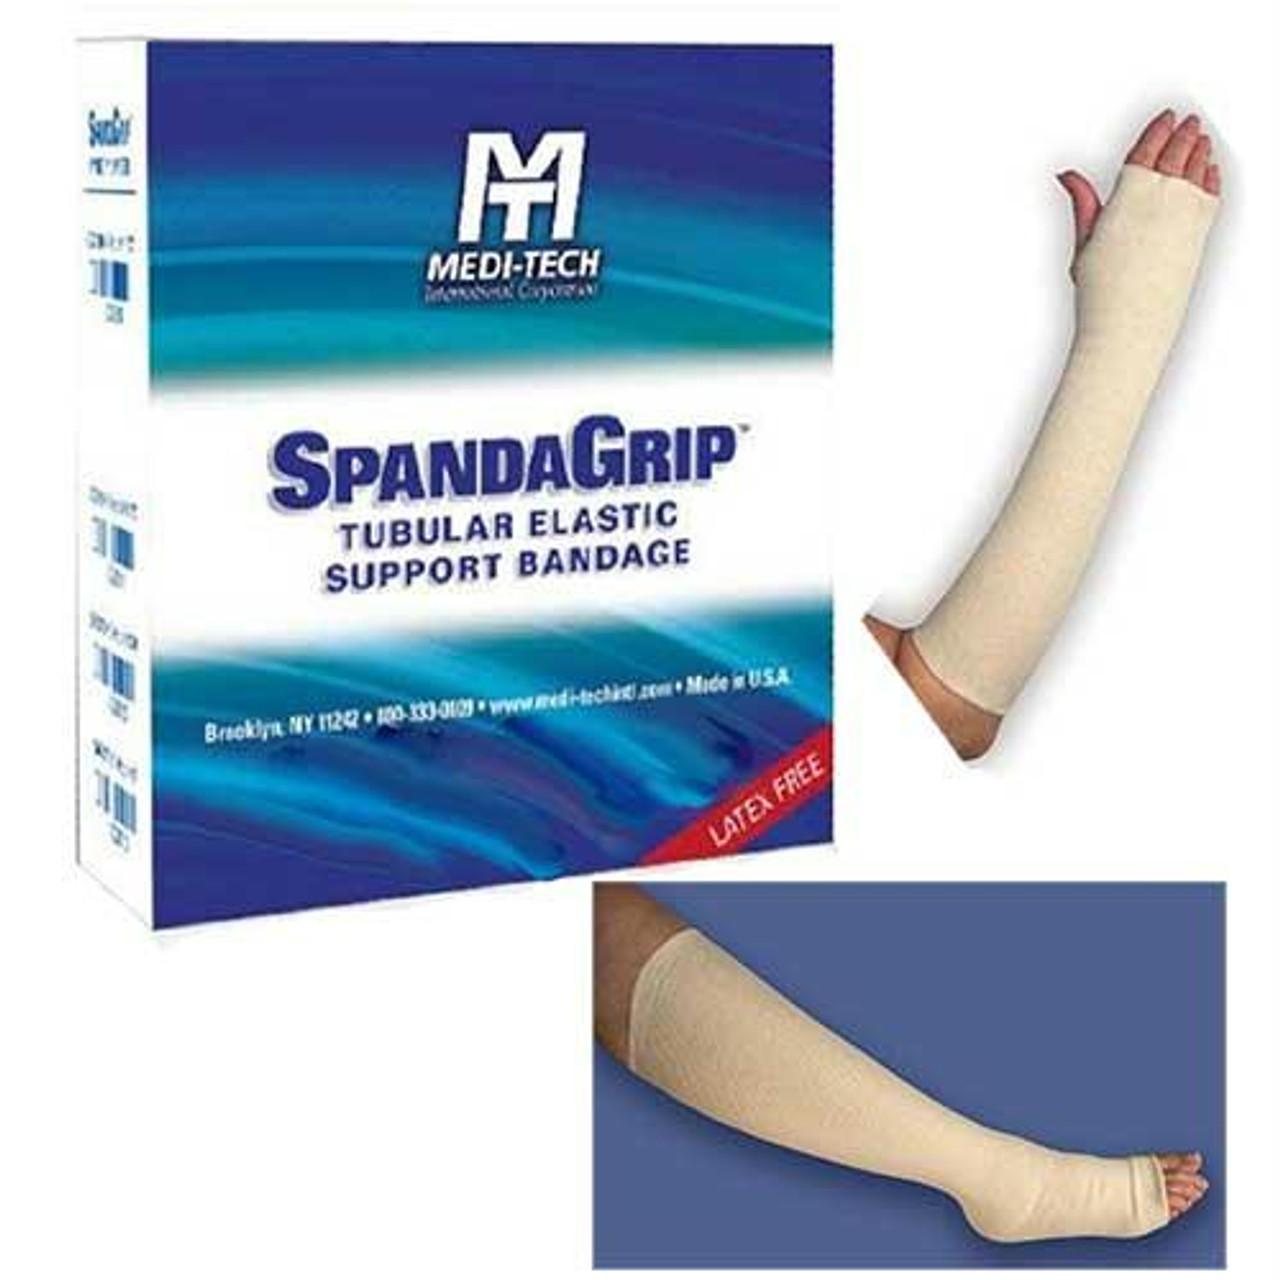 Spandagrip Tubular Elastic Support Bandage Size F 4 X 11 Yds